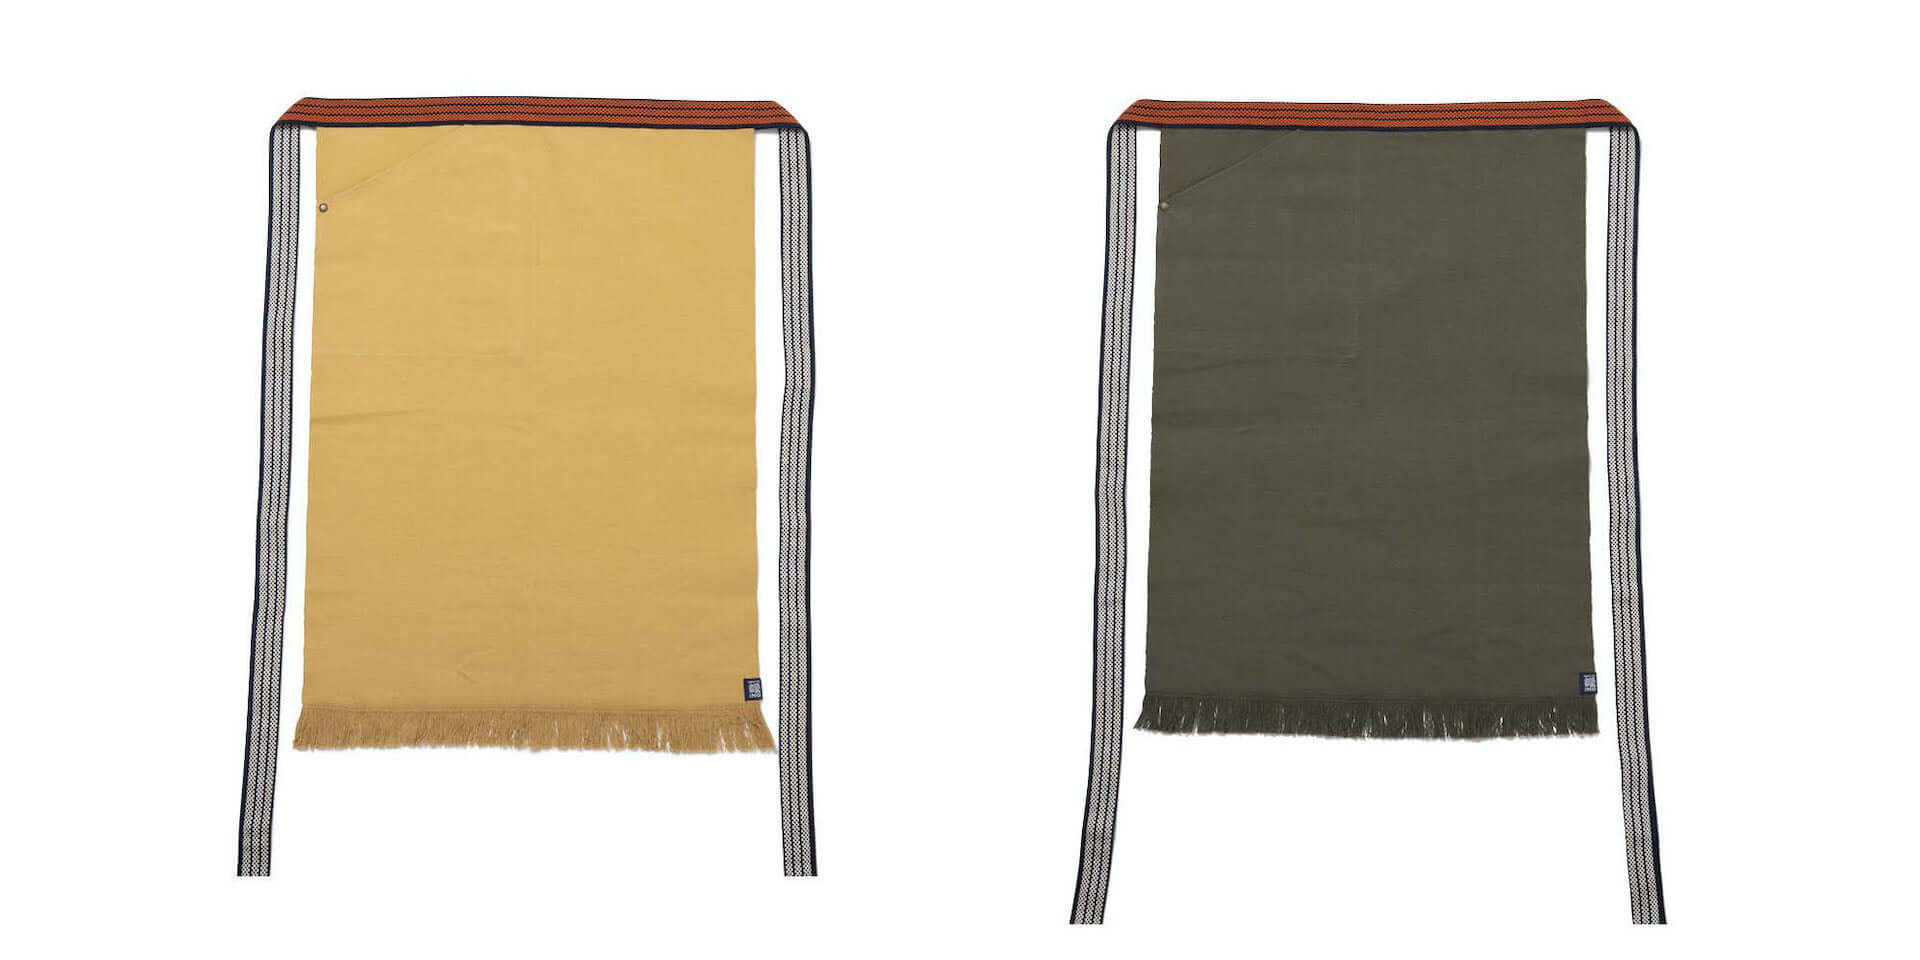 MoMA Design Storeによる日本発のグッドデザイン特集が公開!イサム・ノグチの照明、五十嵐威暢のトランプなど多数ラインナップ art210115_momastore_6-1920x960